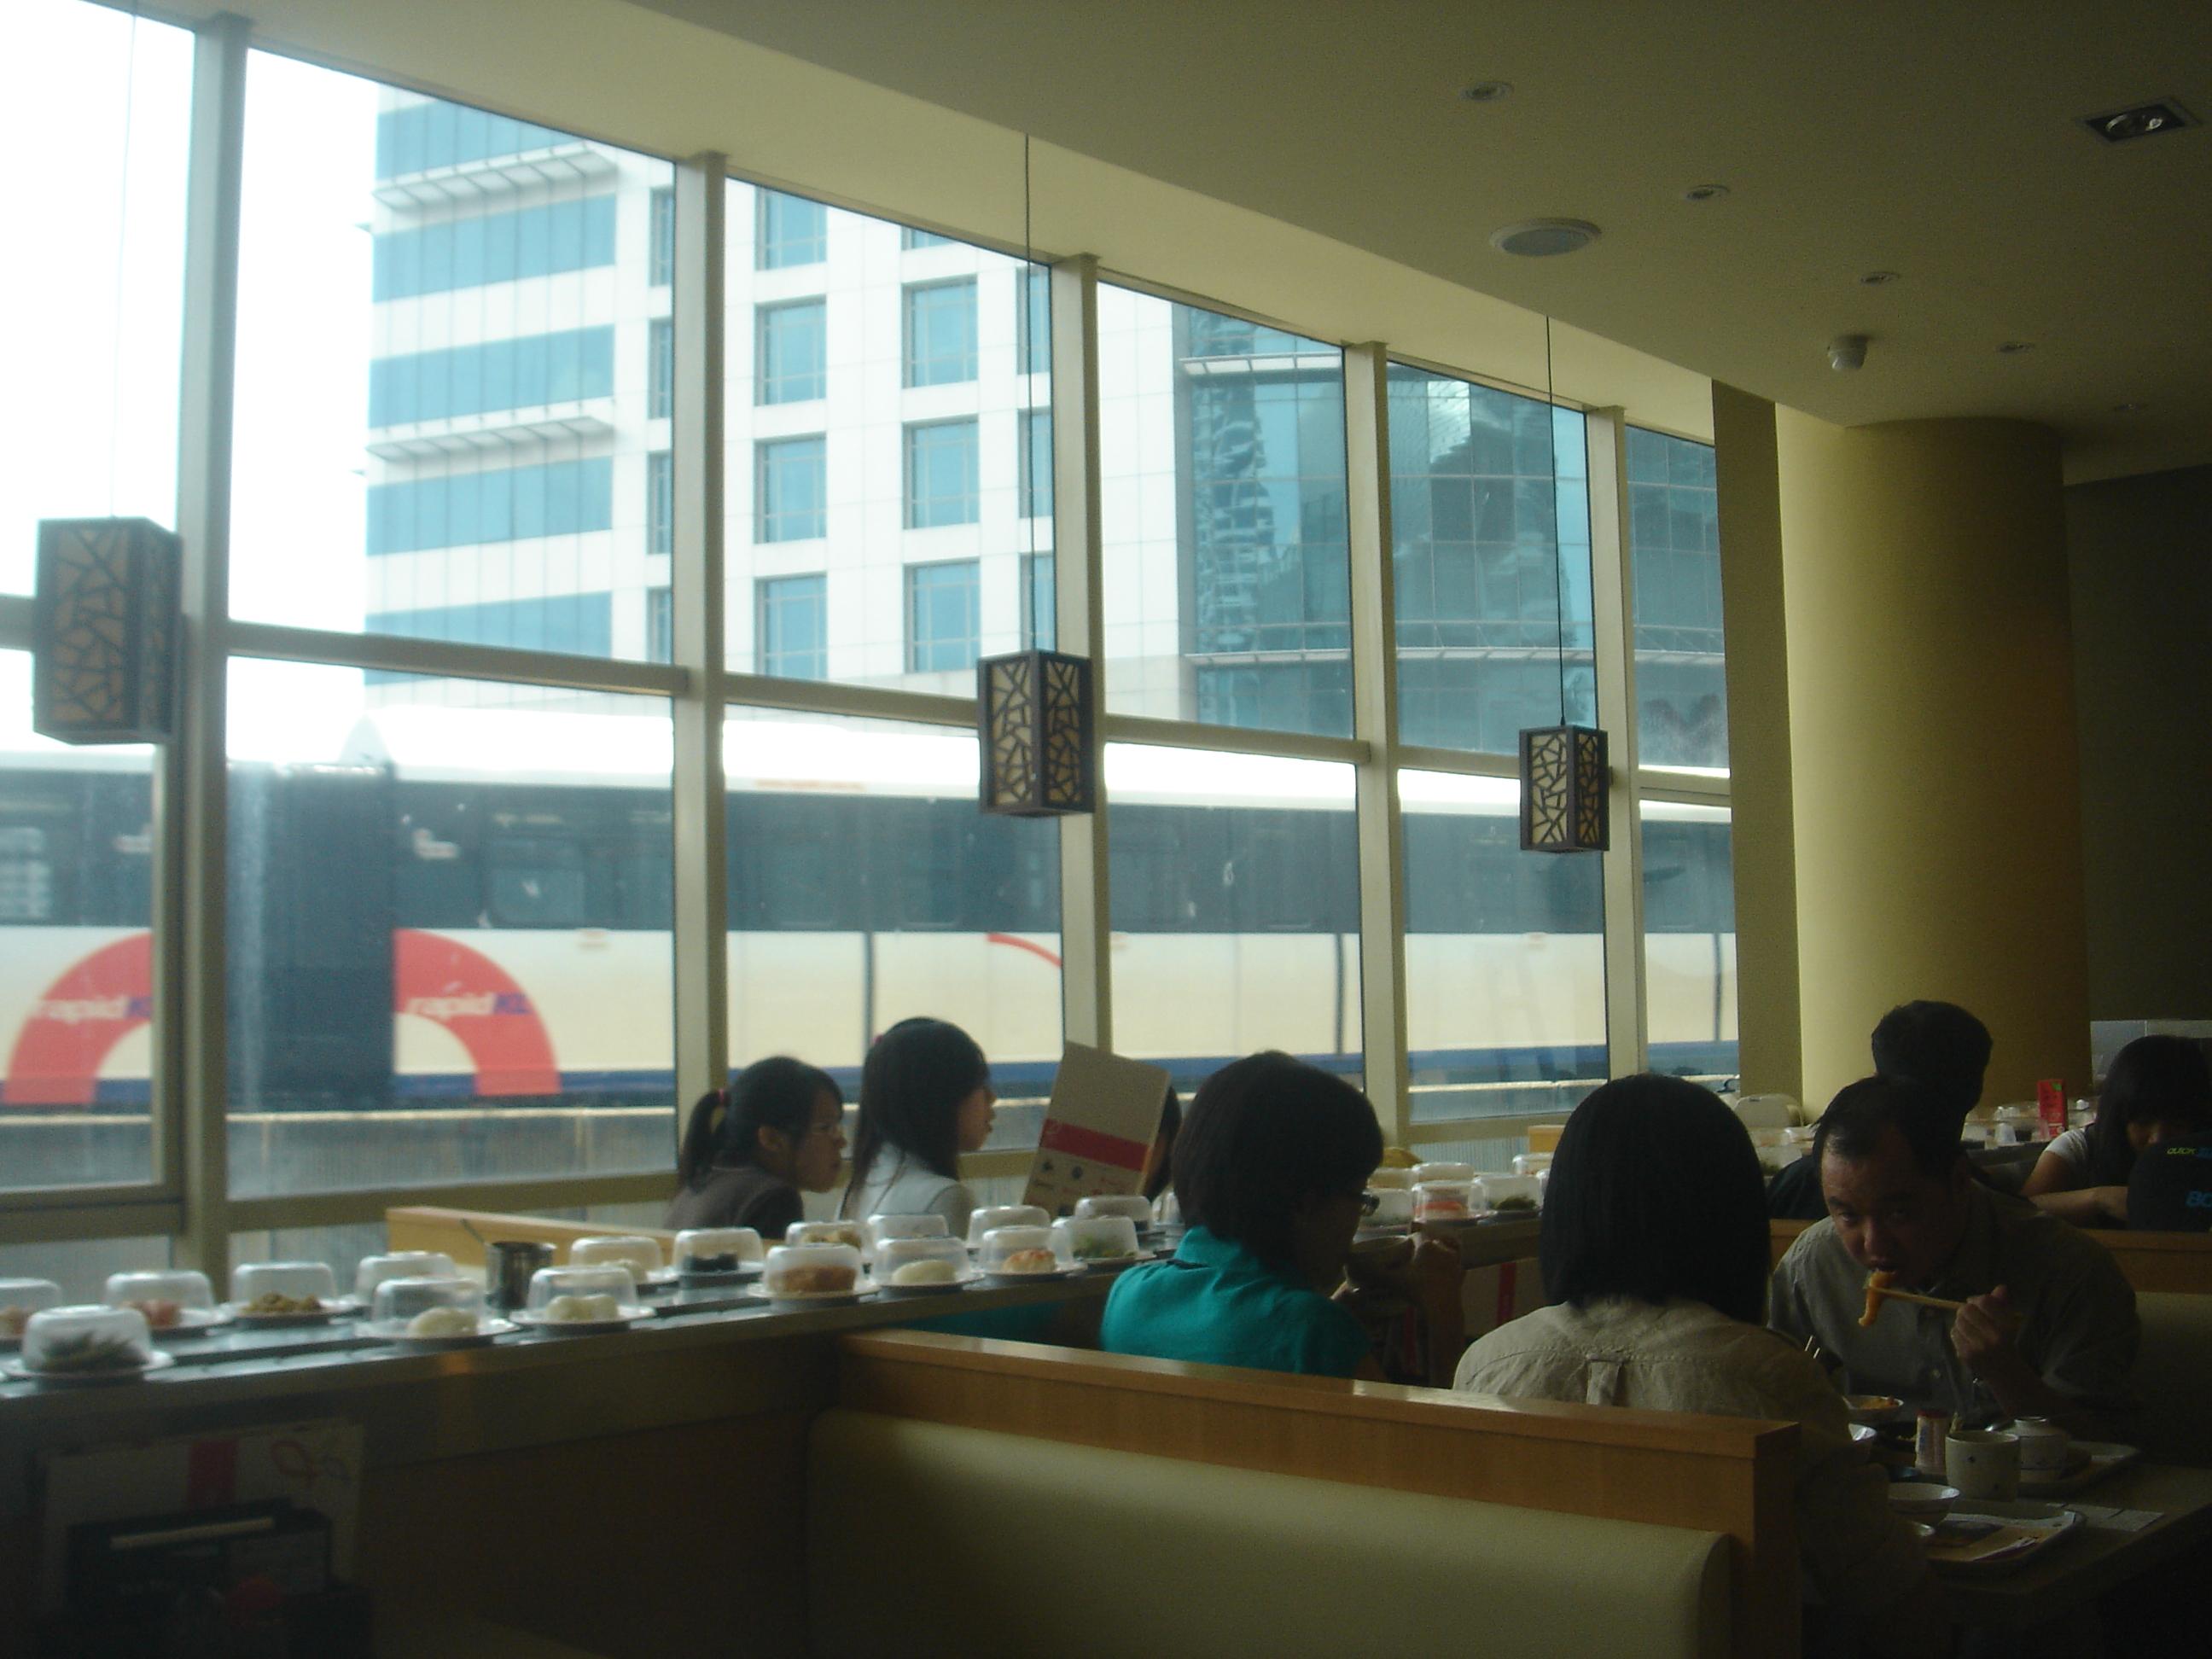 Sooka Sentral Food Court